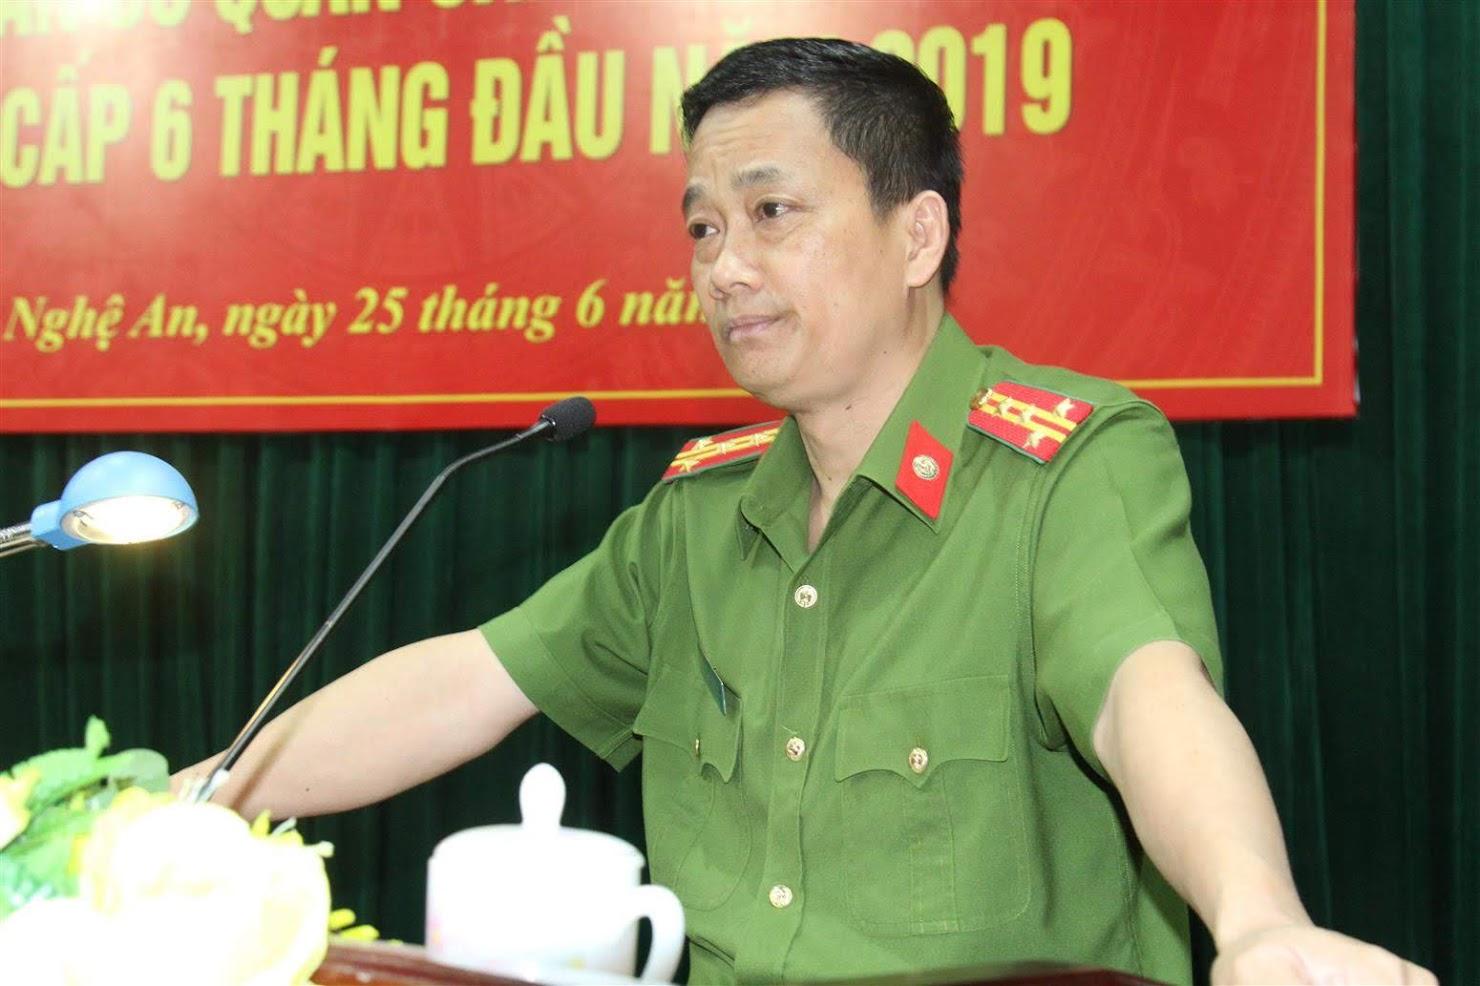 Đồng chí Đại tá Nguyễn Mạnh Hùng, Phó Giám đốc Công an tỉnh, Thủ trưởng cơ quan CSĐT  phát biểu chỉ đạo